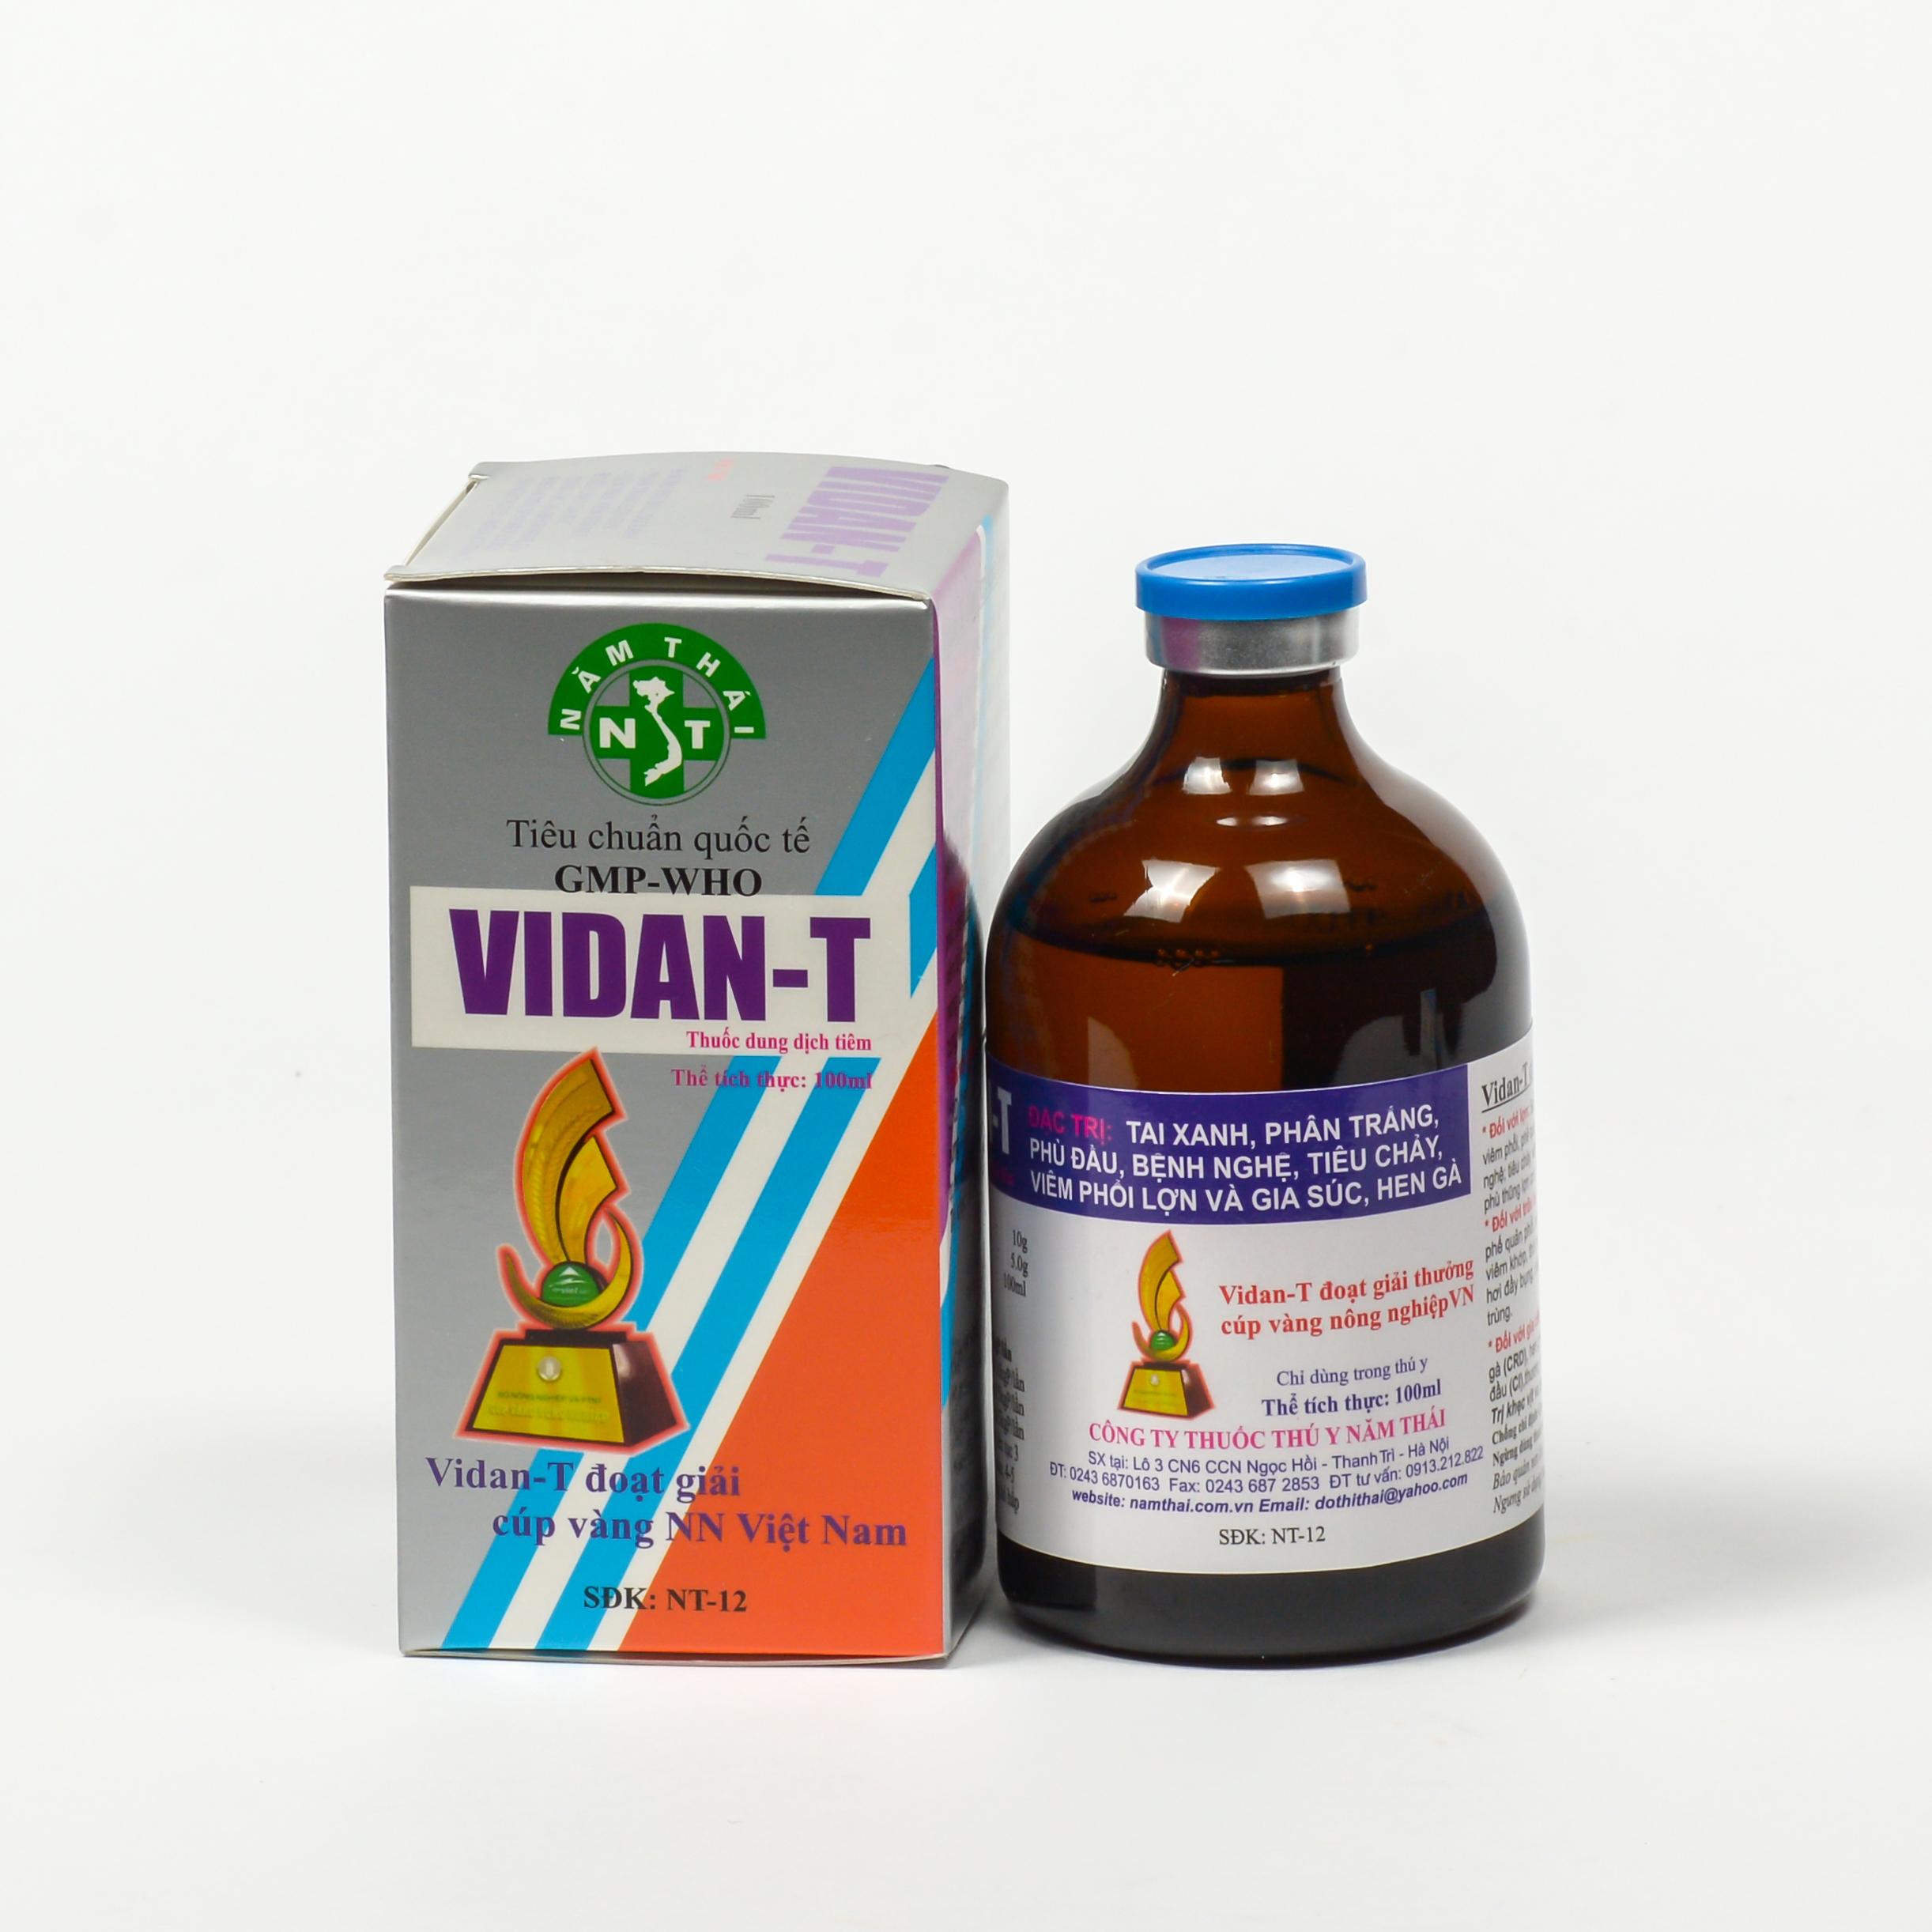 VIDAN - T